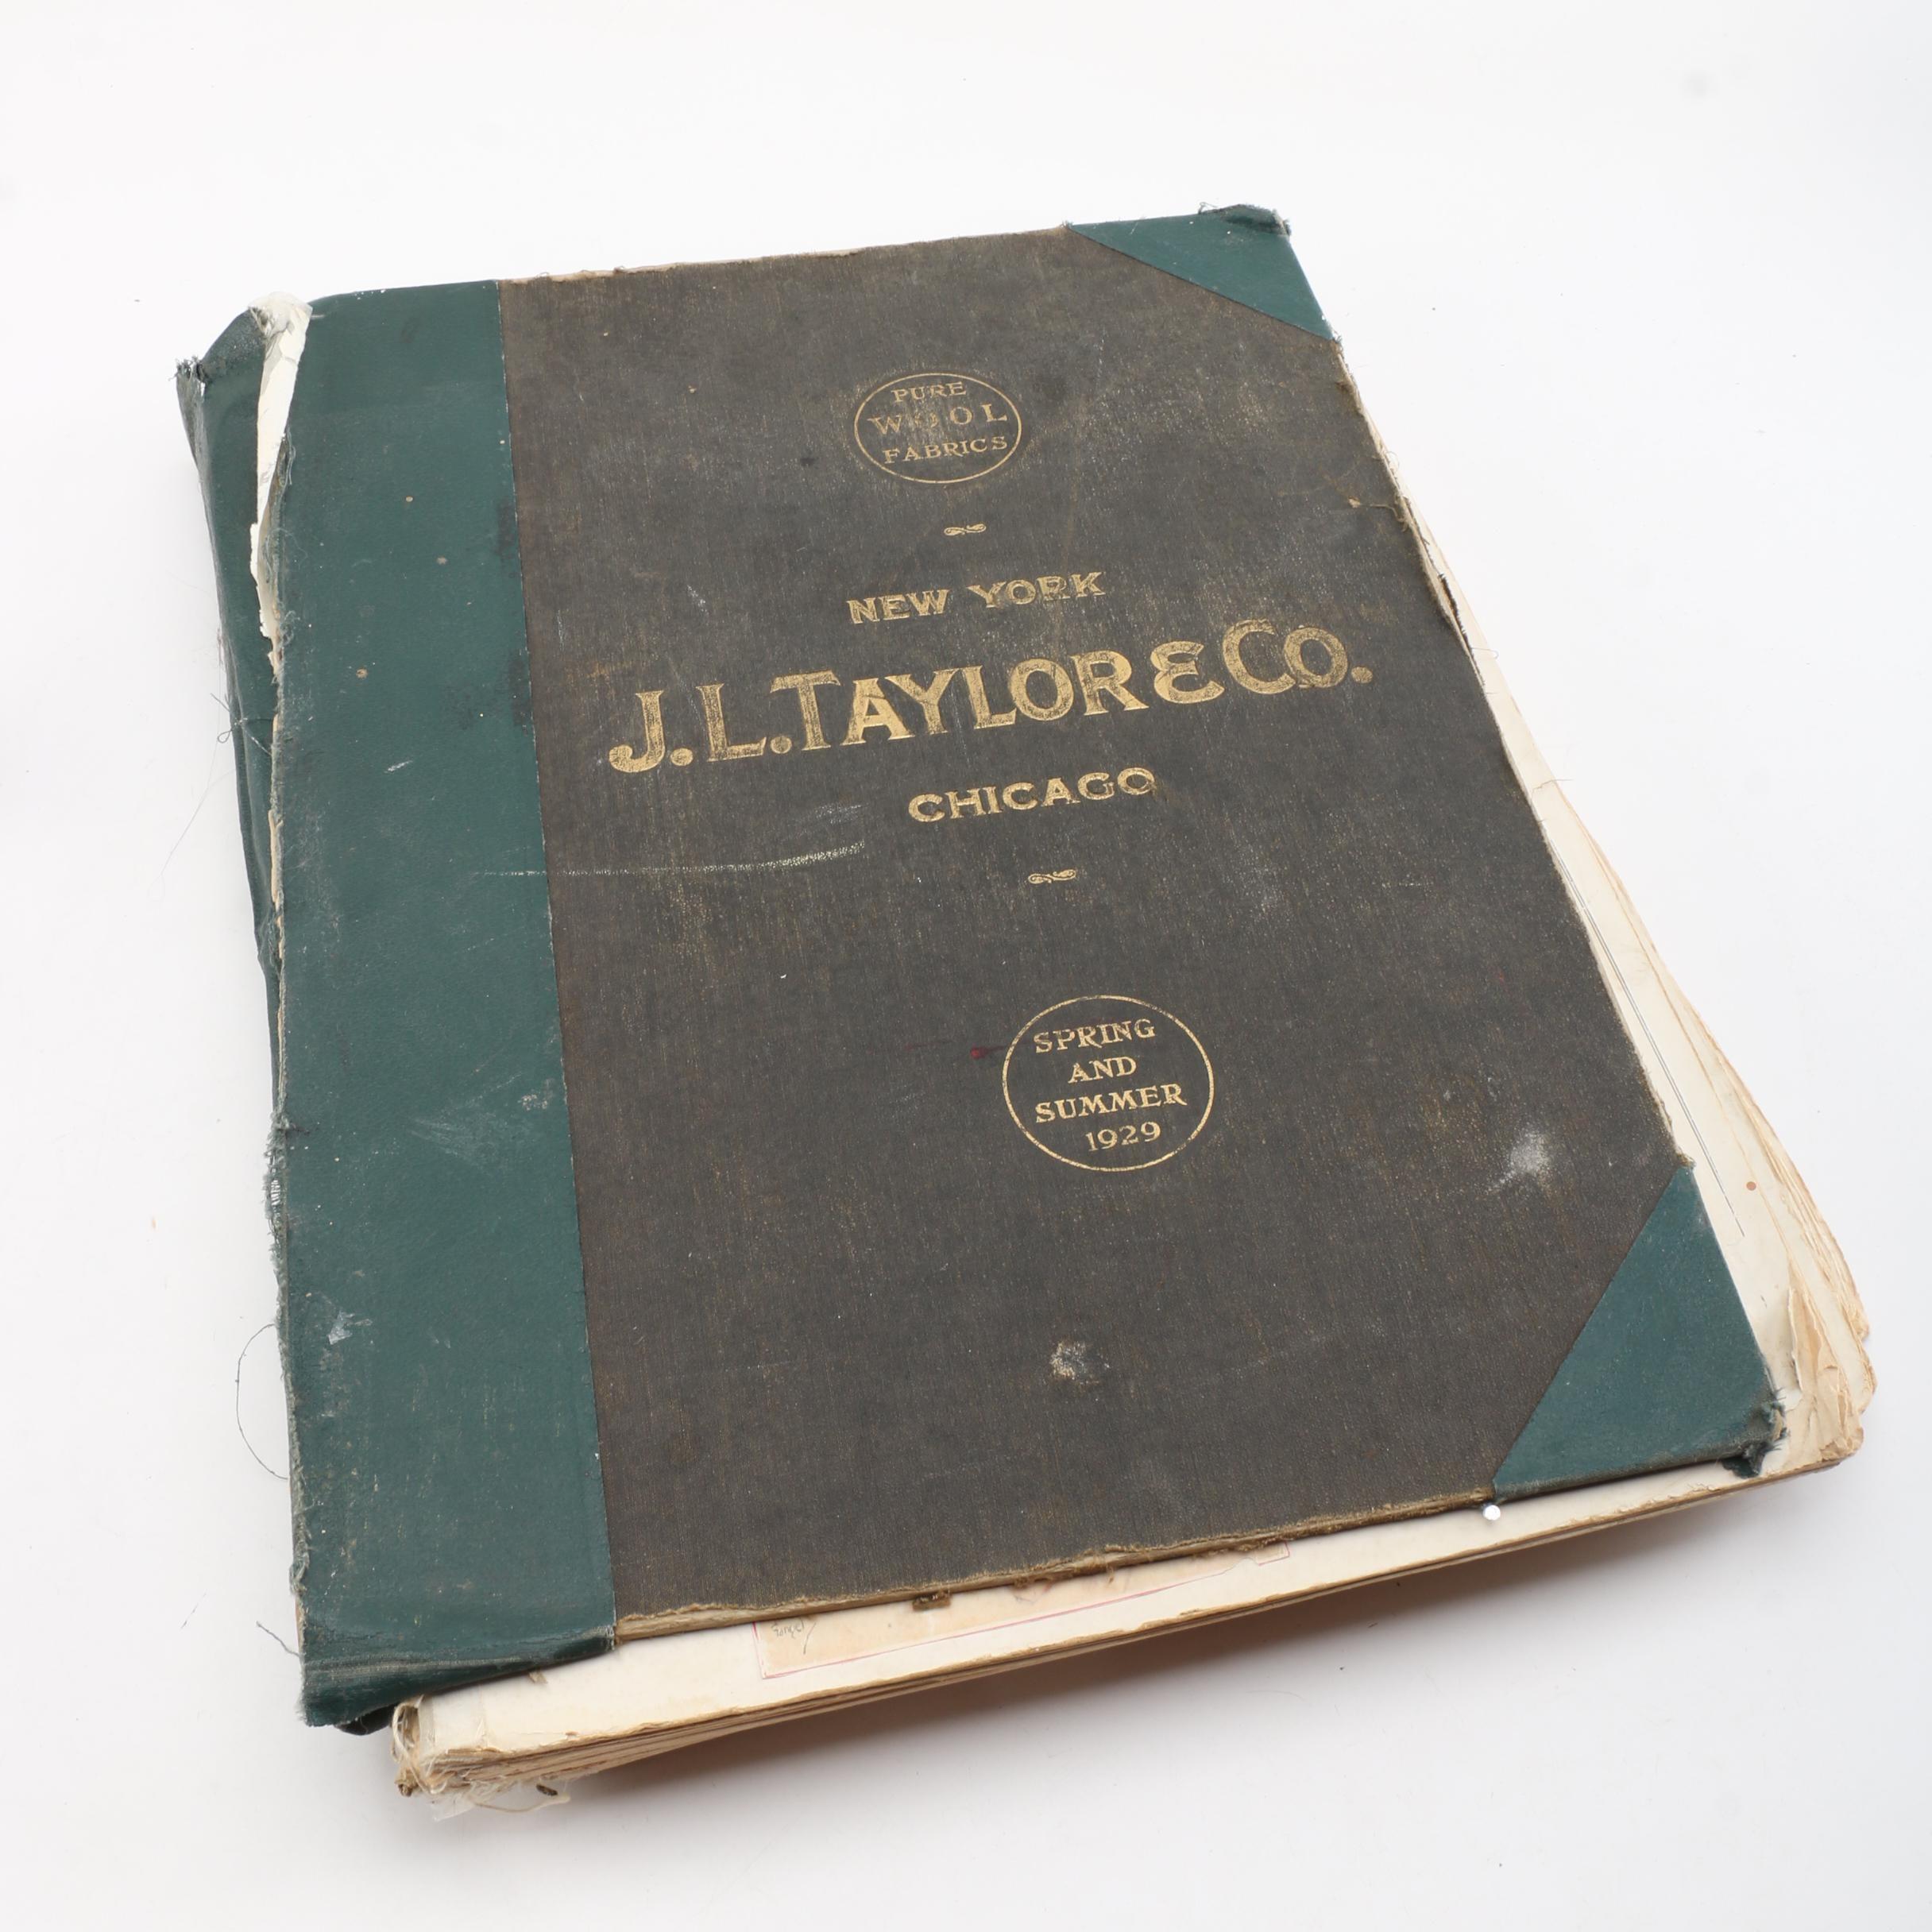 J.L. Taylor & Co. Vintage Scrapbook